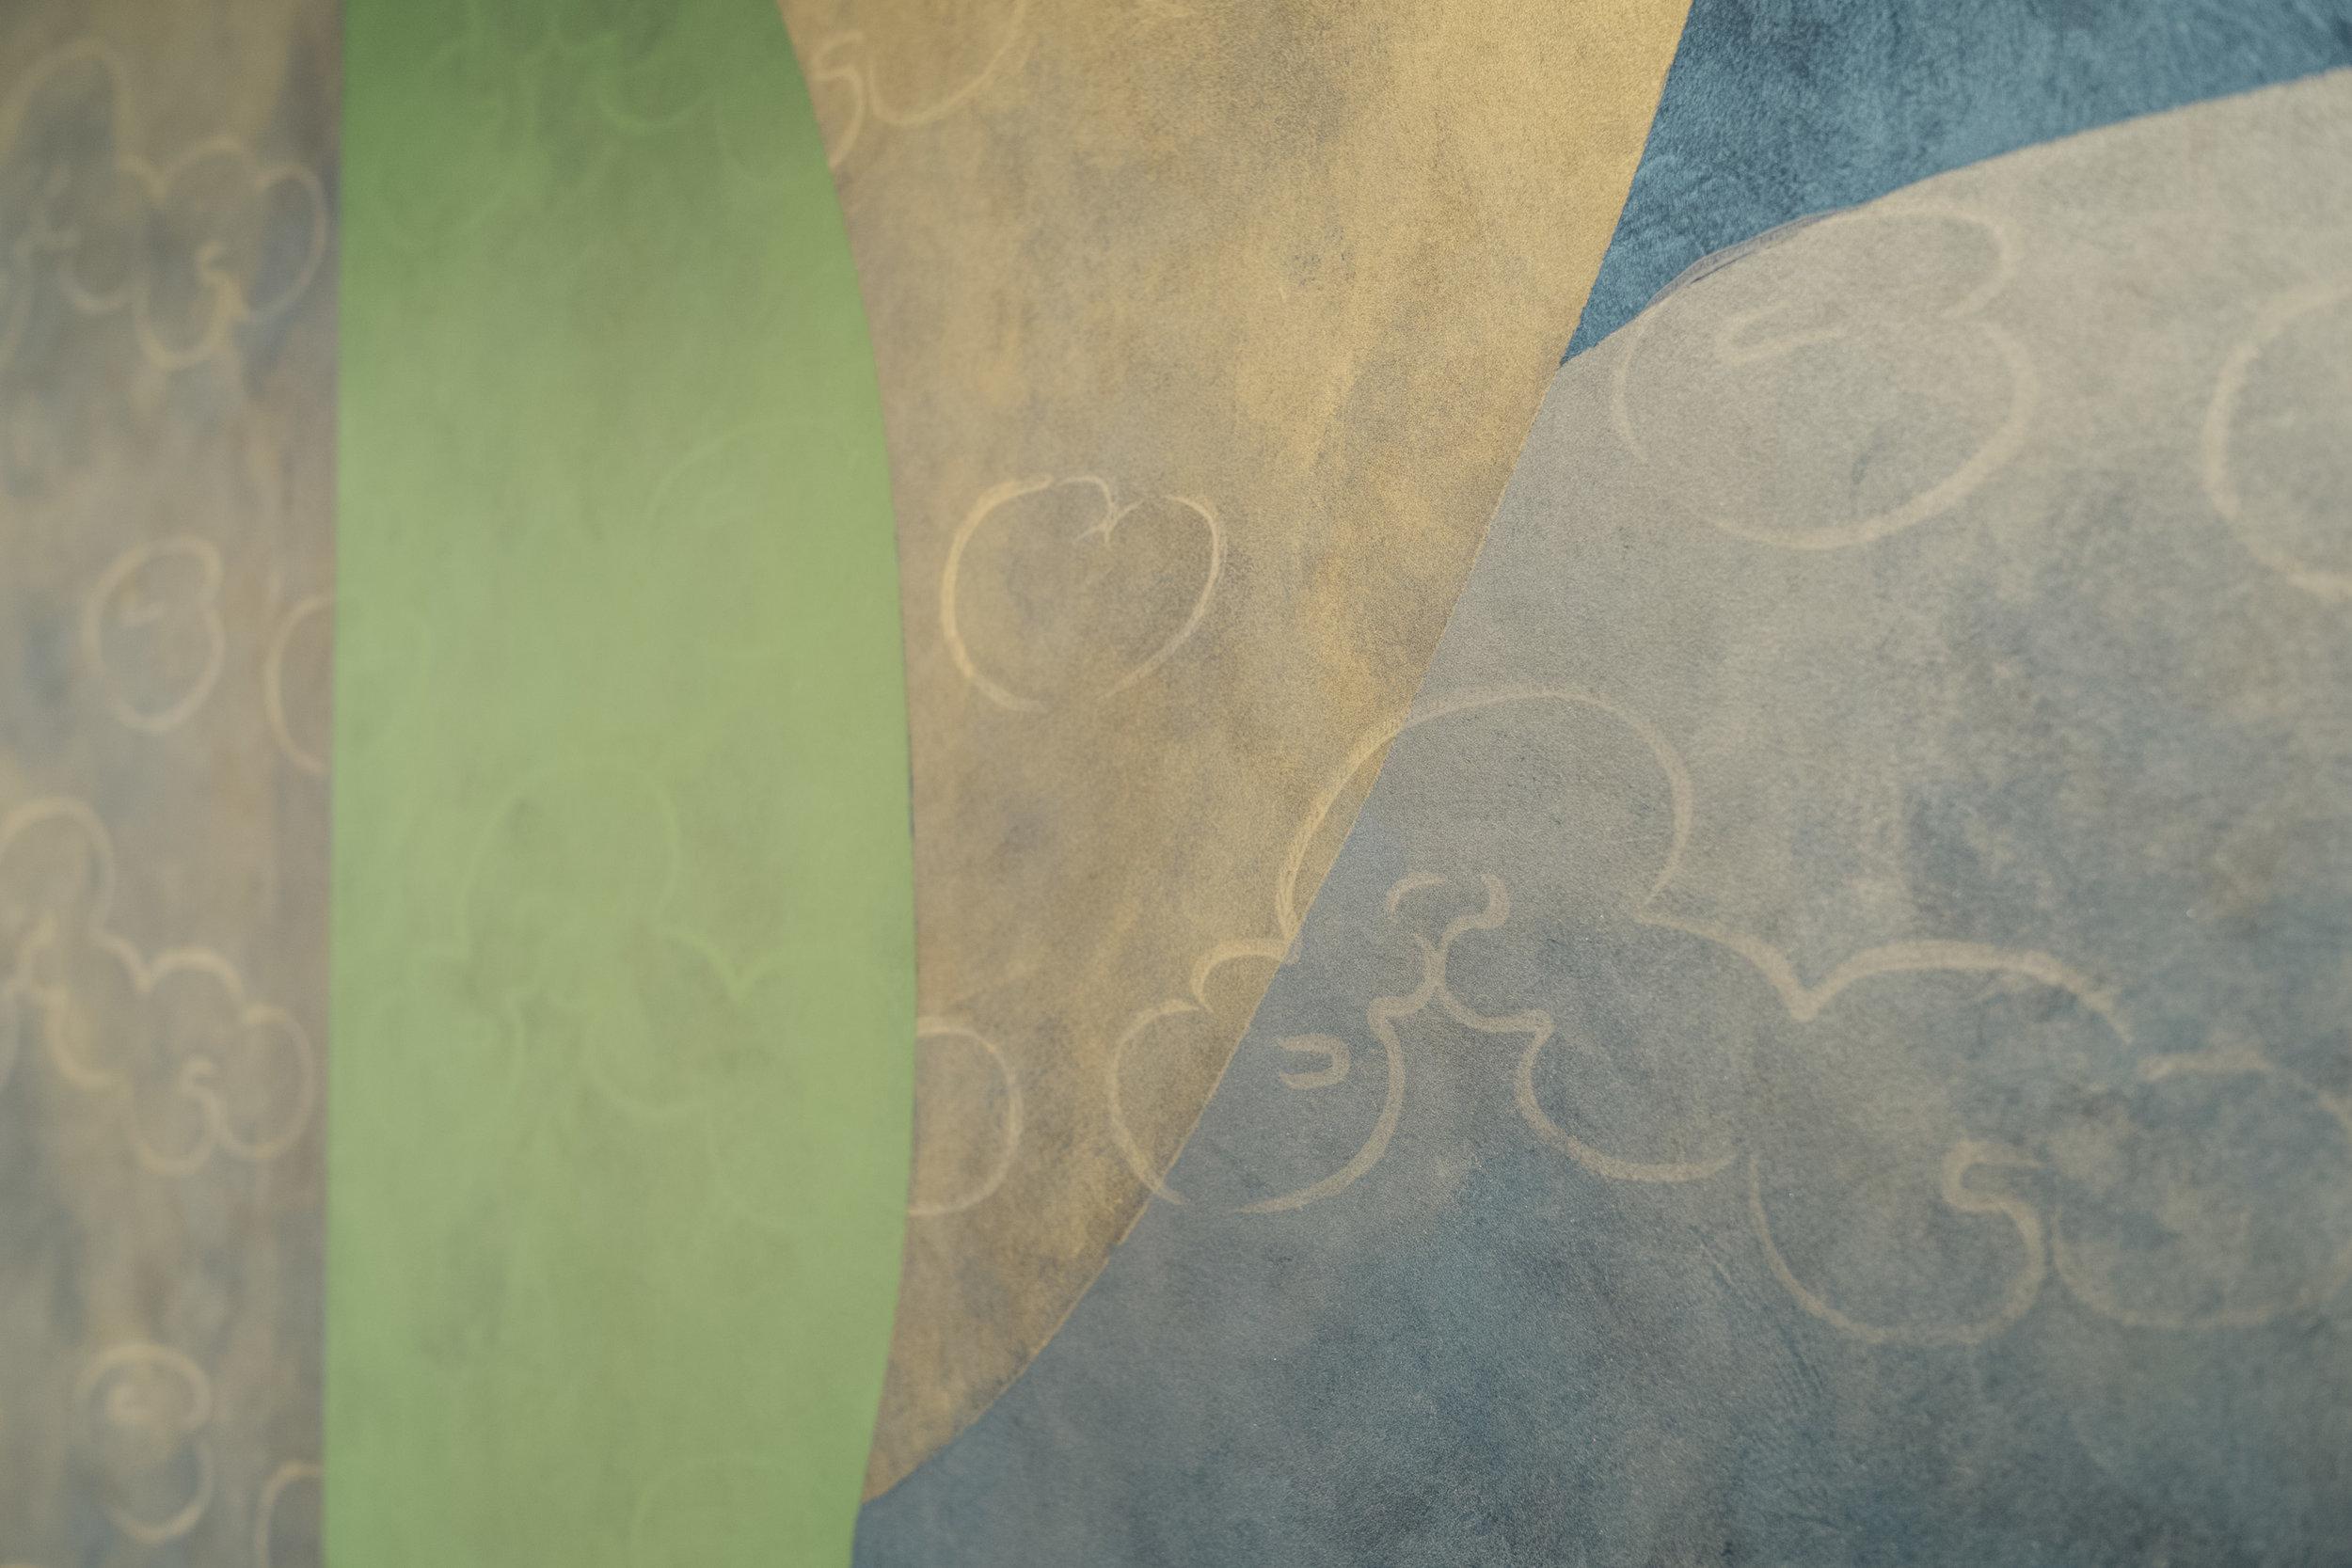 月  太陽  山  川  人型  琵琶湖